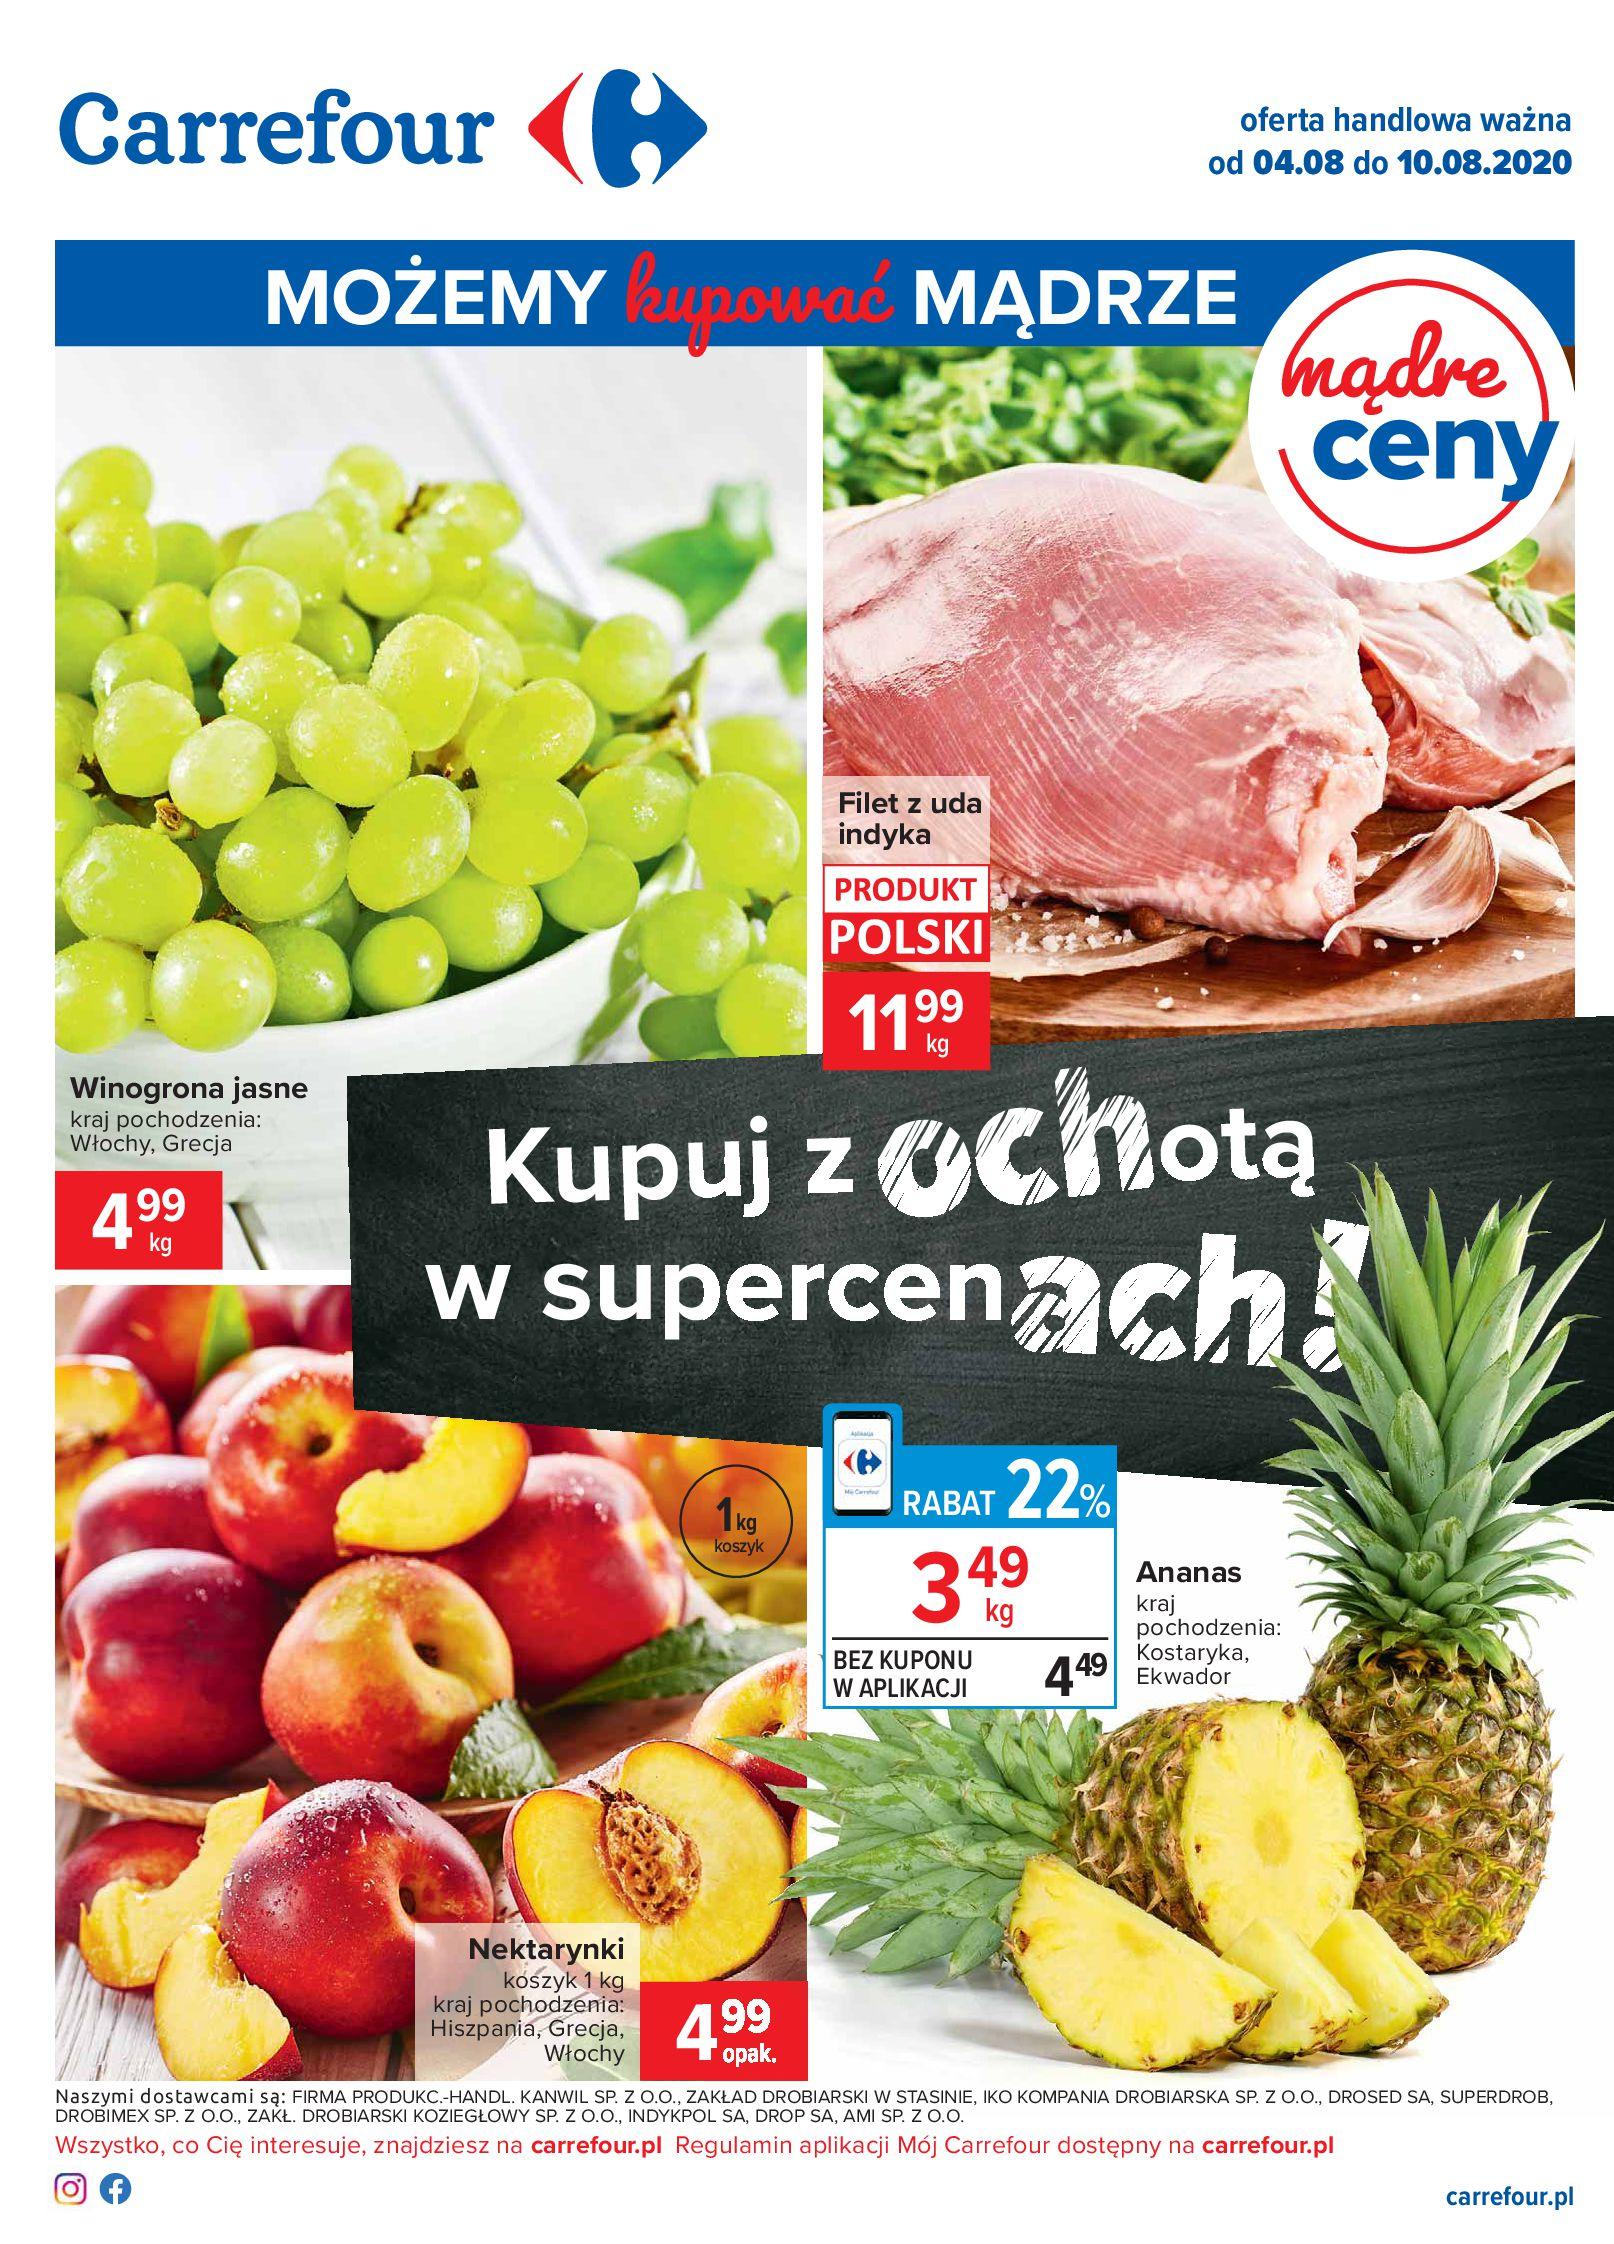 Gazetka Carrefour - Oferta handlowa-03.08.2020-10.08.2020-page-1